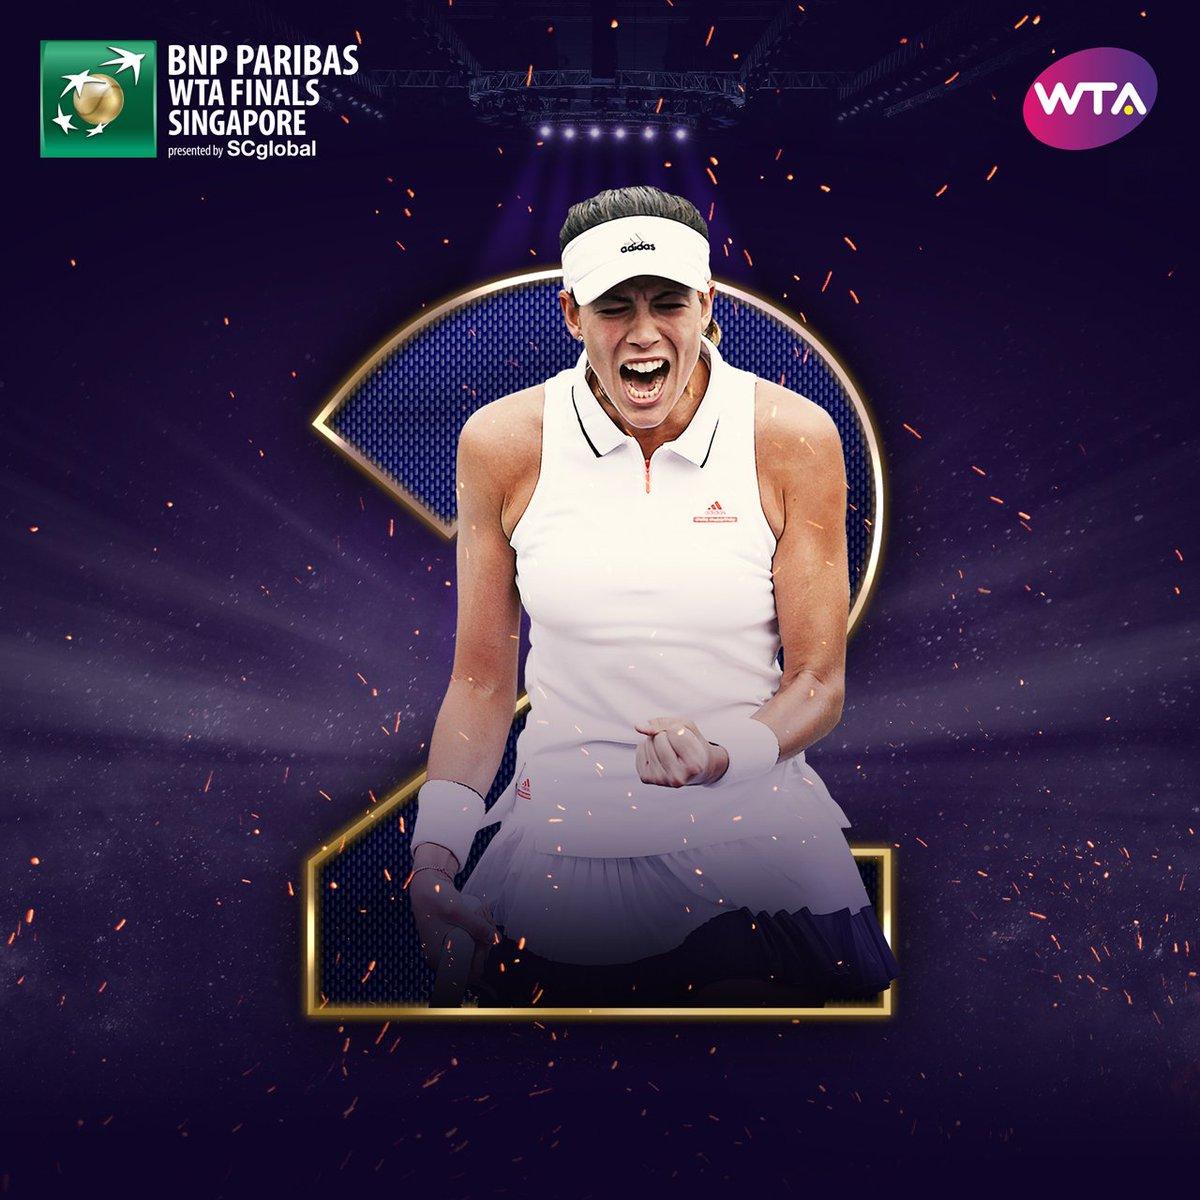 WTA photo